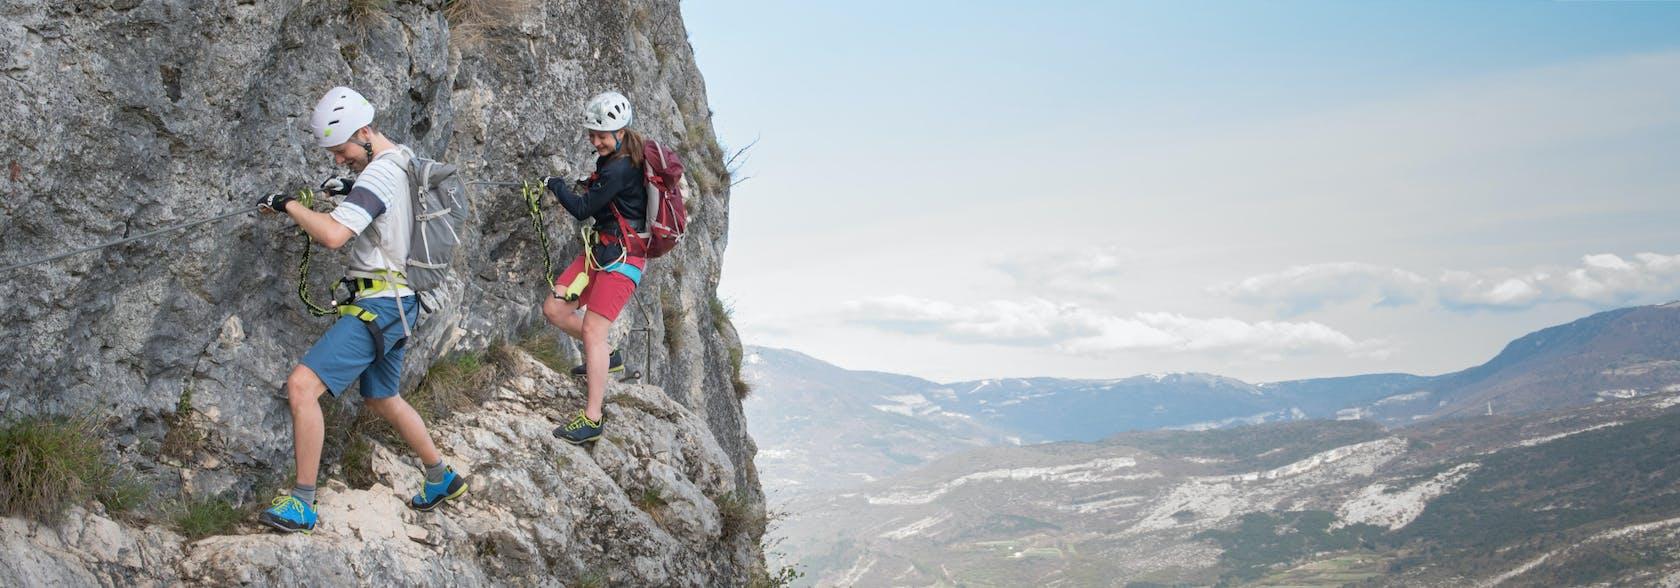 Klettersteig-Komplettset